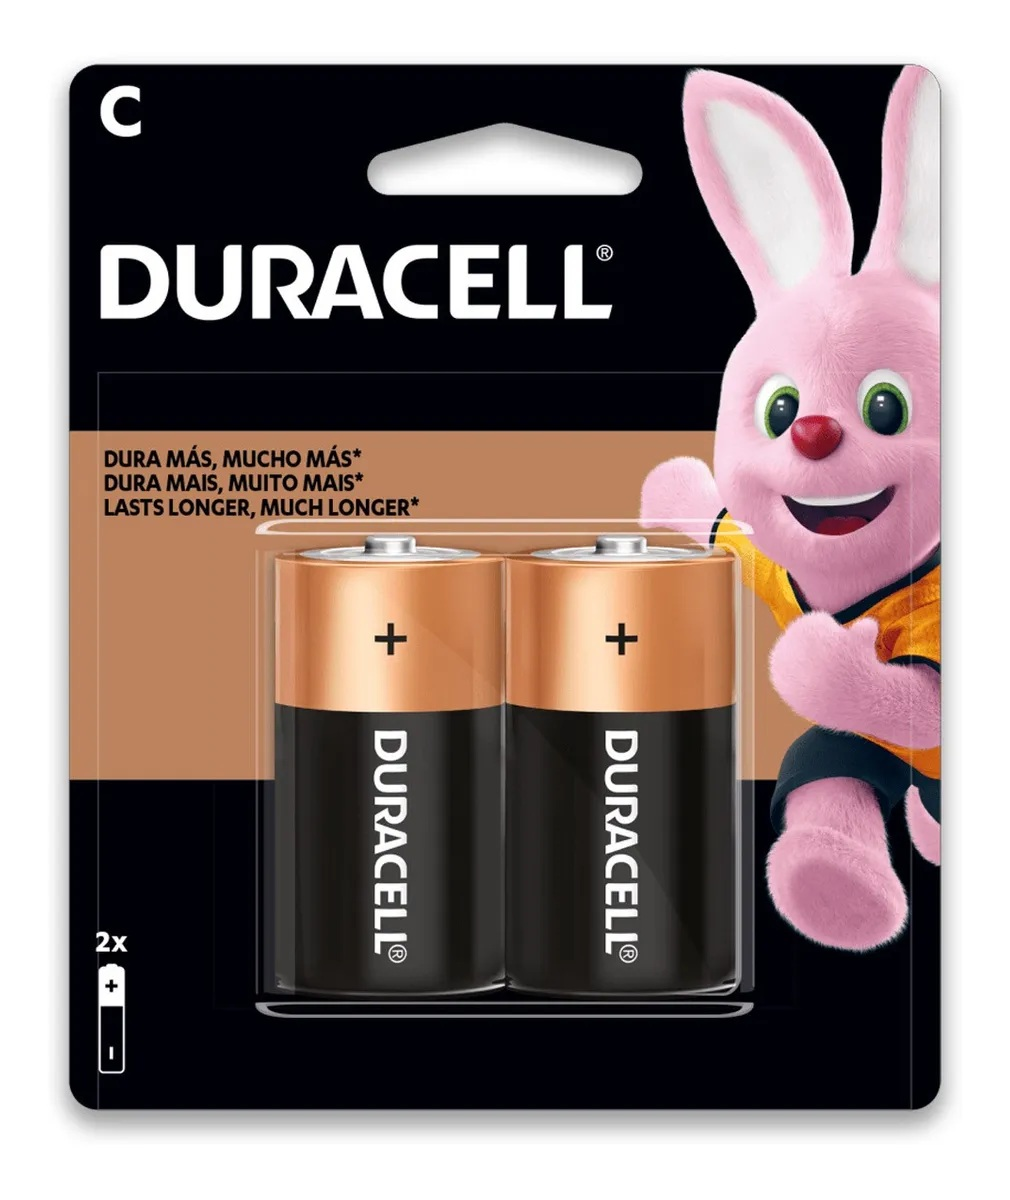 24 Pilhas Média Duracell C Alcalina 12 Cartelas C/2 Unidades